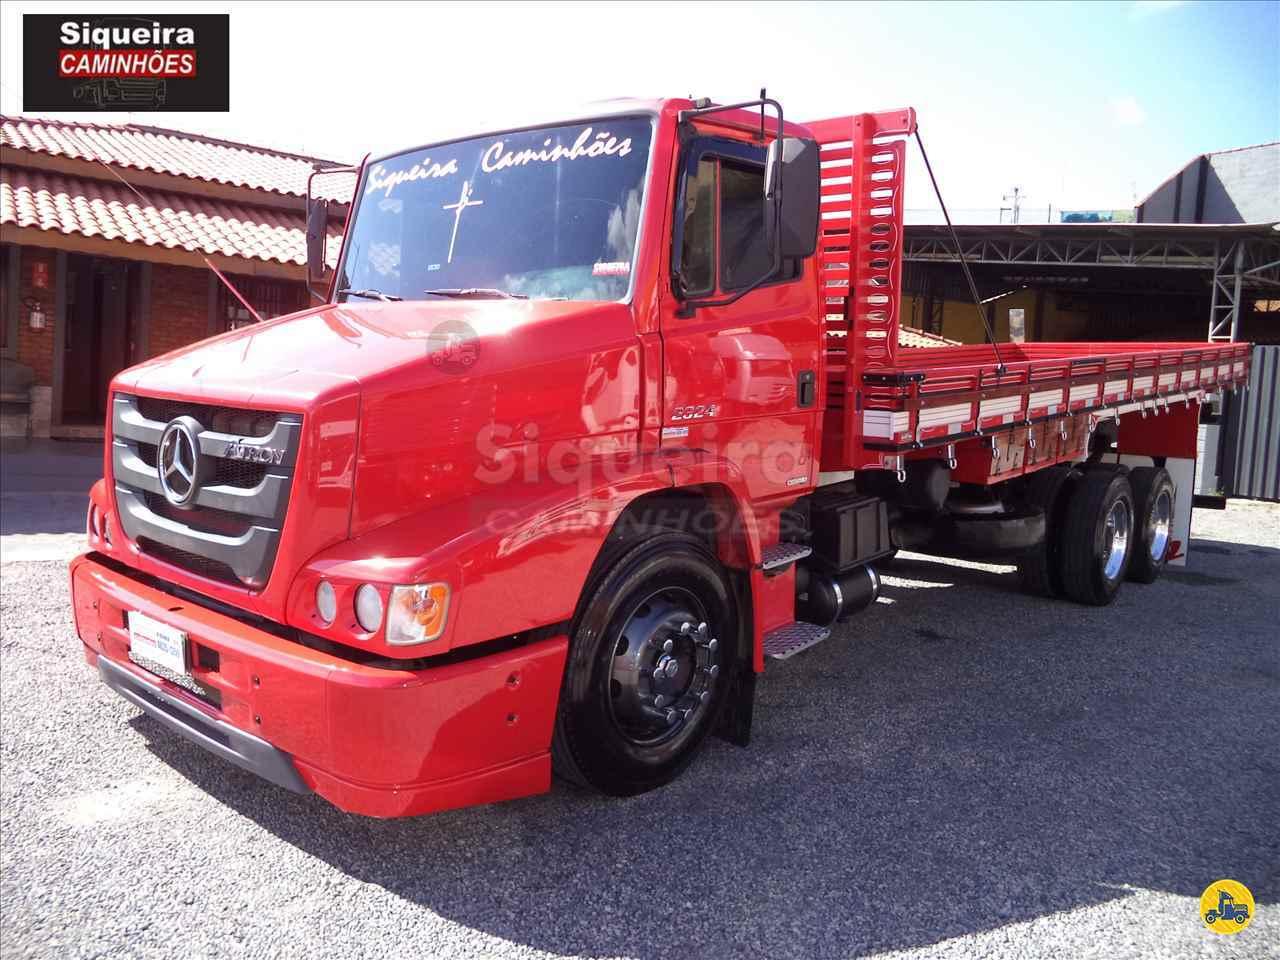 CAMINHAO MERCEDES-BENZ MB 2324 Carga Seca Truck 6x2 Siqueira Caminhões BRAGANCA PAULISTA SÃO PAULO SP